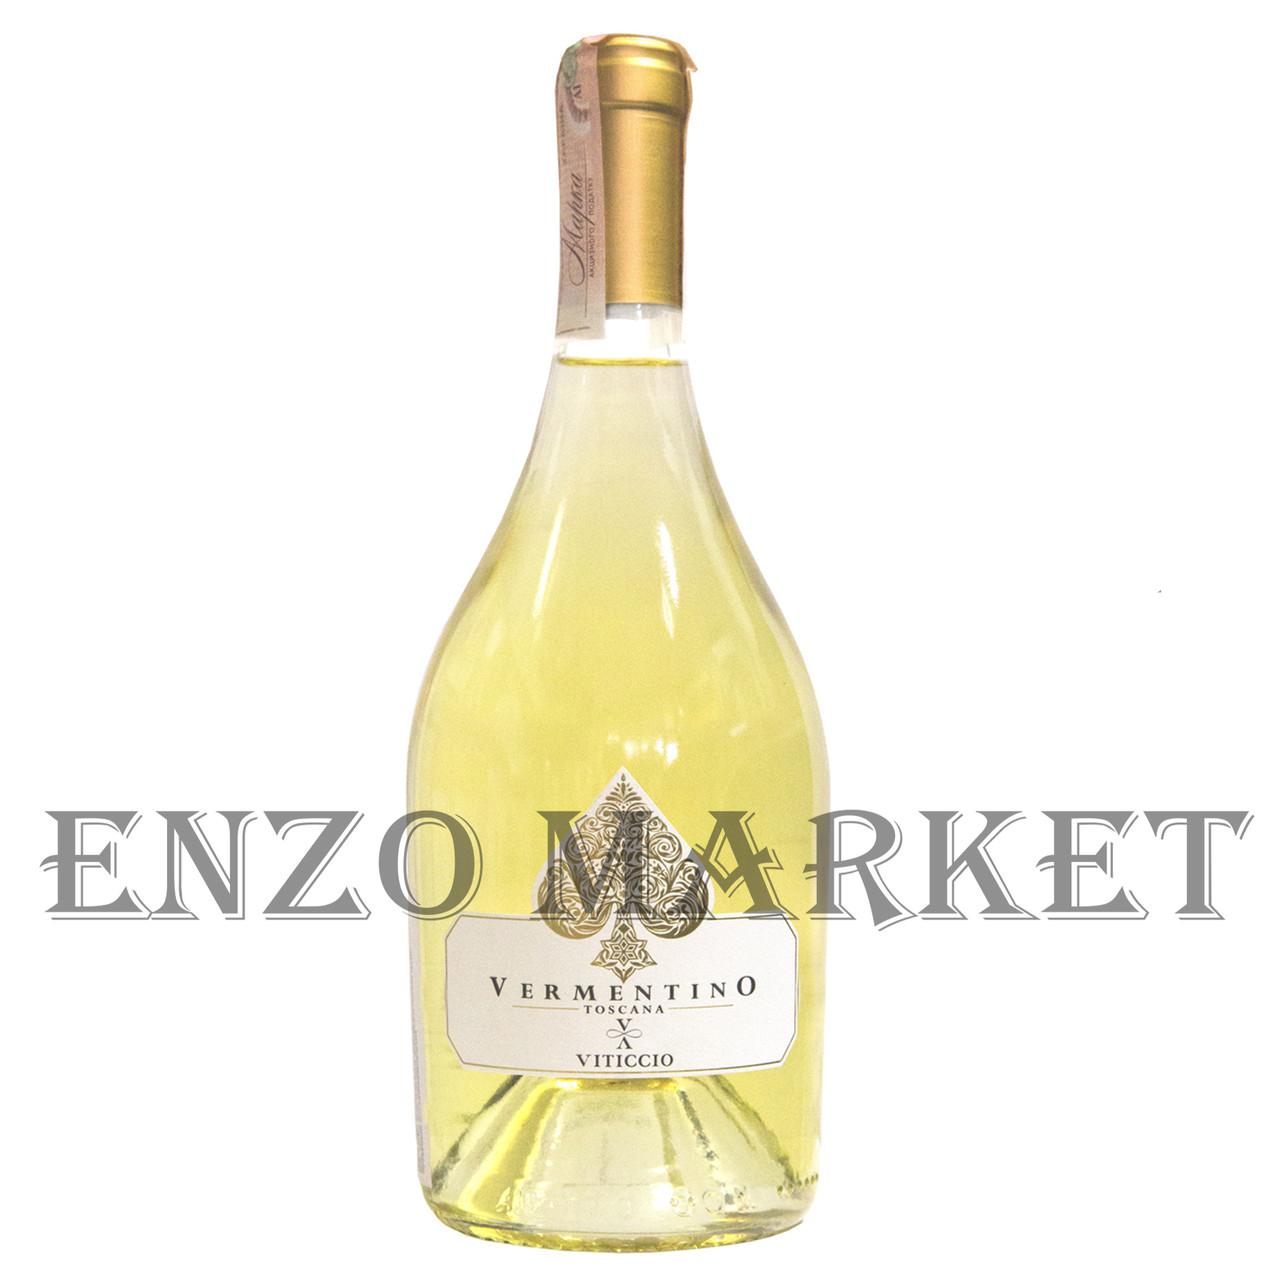 Белое сухое вино Viticcio Vermentino Toscana IGT 2019г, 0,75 литра